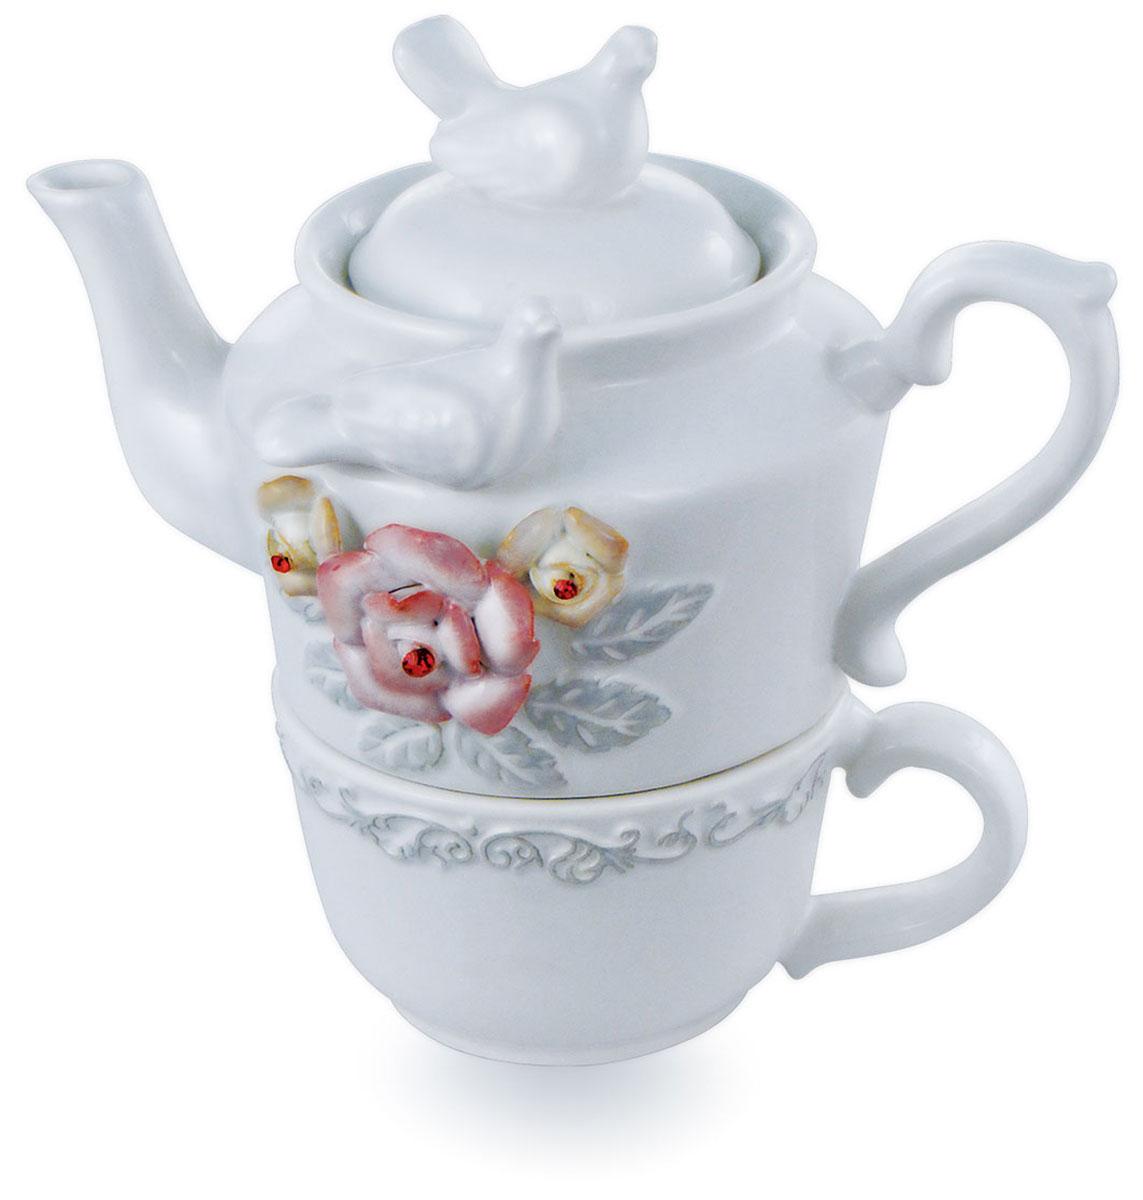 Teabreeze Земляника со сливками подарочный чайный набор с чашкой и чайником, 100 г4620009893722Подарочный набор Teabreeze состоит из чашки, чайника и чая Земляника со сливками. Чай Земляника со сливками - это отличный чайный микс, обладающий незабываемым вкусом лета. Смесь черного байхового чая с листьями и плодами земляники рождает непередаваемые ощущения свежести лесной ягоды в сочетании с мягким и сладким вкусом сливок. Эта великолепная вкусовая консистенция оставляет на языке стойкое и очень приятное послевкусие, напоминающее подогретый солнцем летний лес. Напиток, который получается из ароматной смеси Земляника со сливками приятно бодрит и освежает.